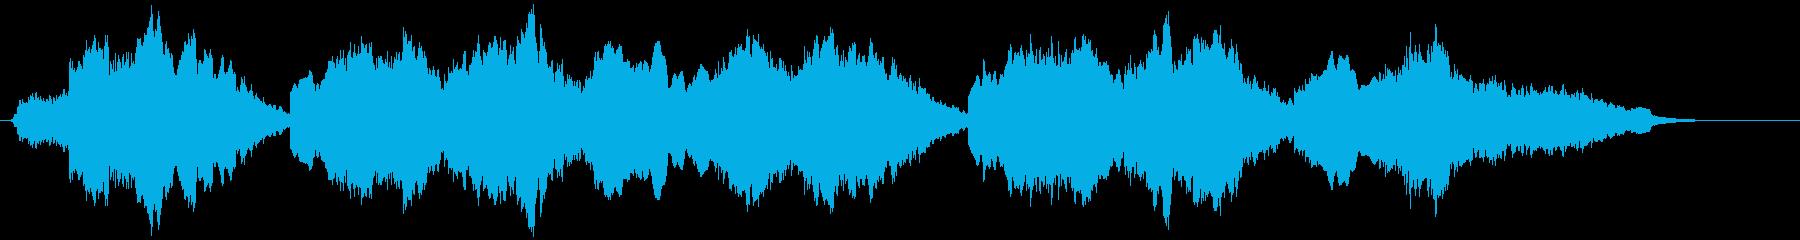 これは、まろやかなパイプオルガンと...の再生済みの波形